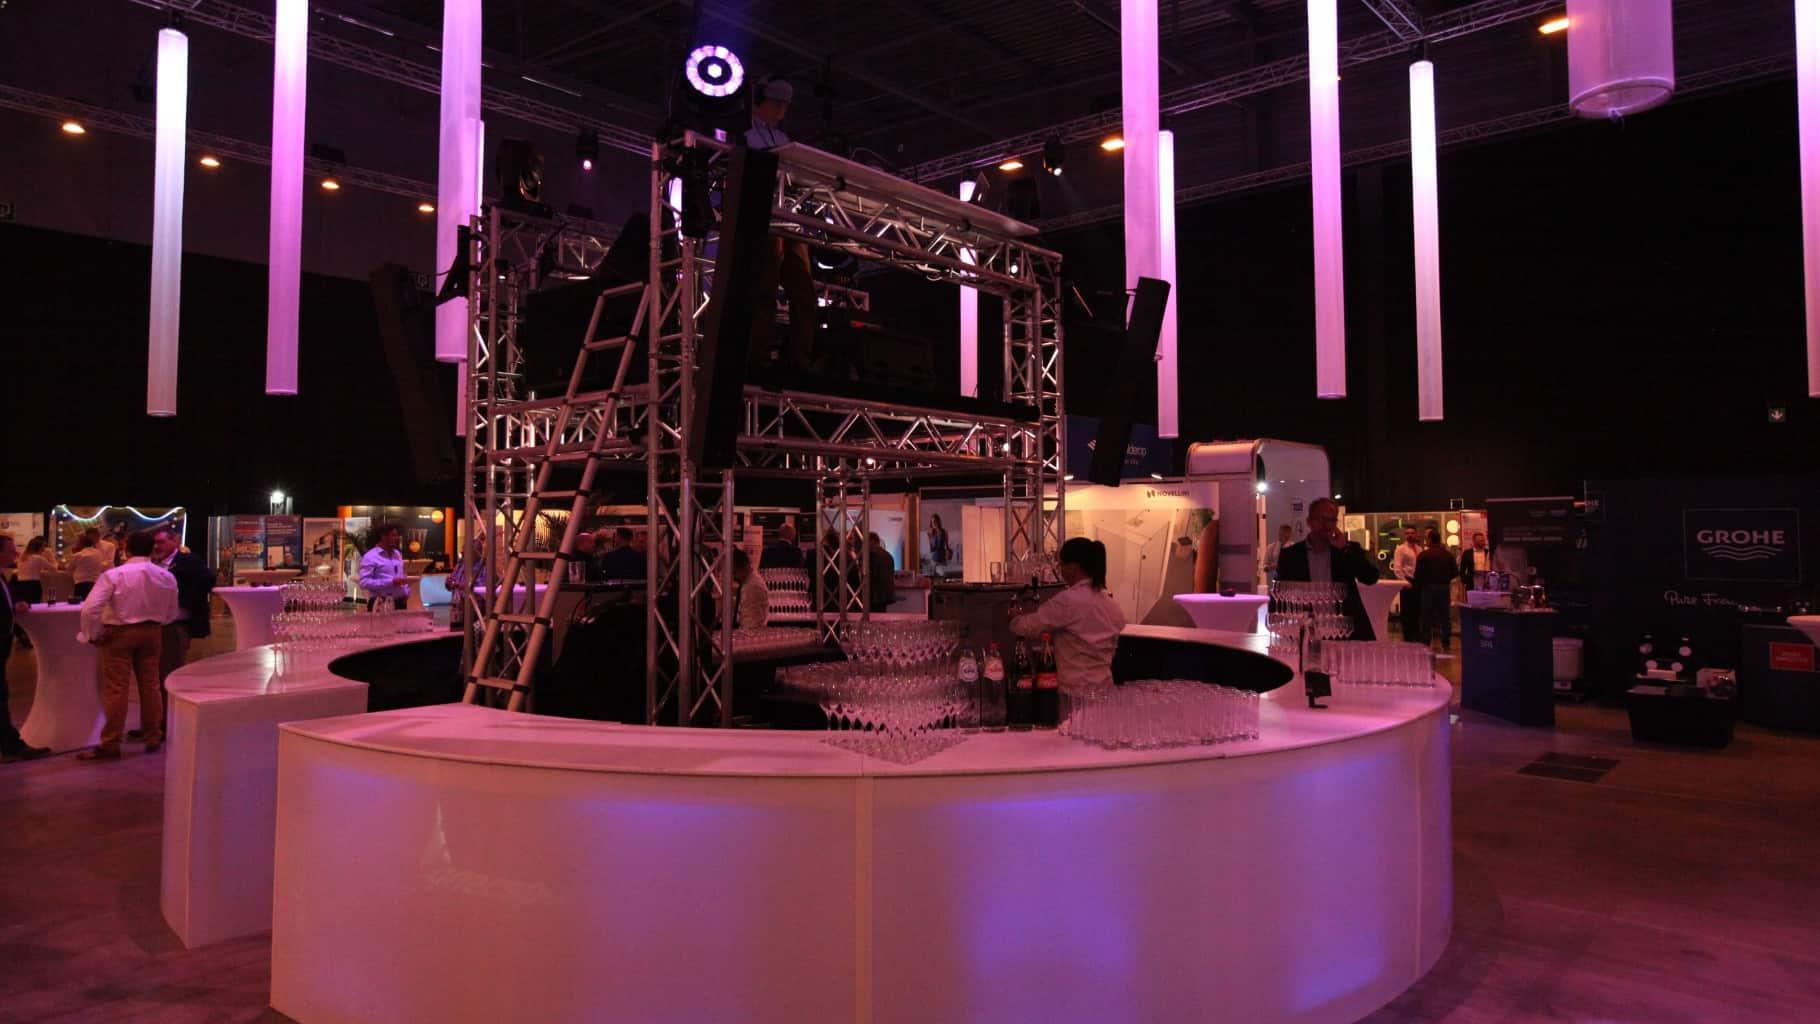 Salon Induscabel organisé par So Event sur le thème de l'ombre et la lumière